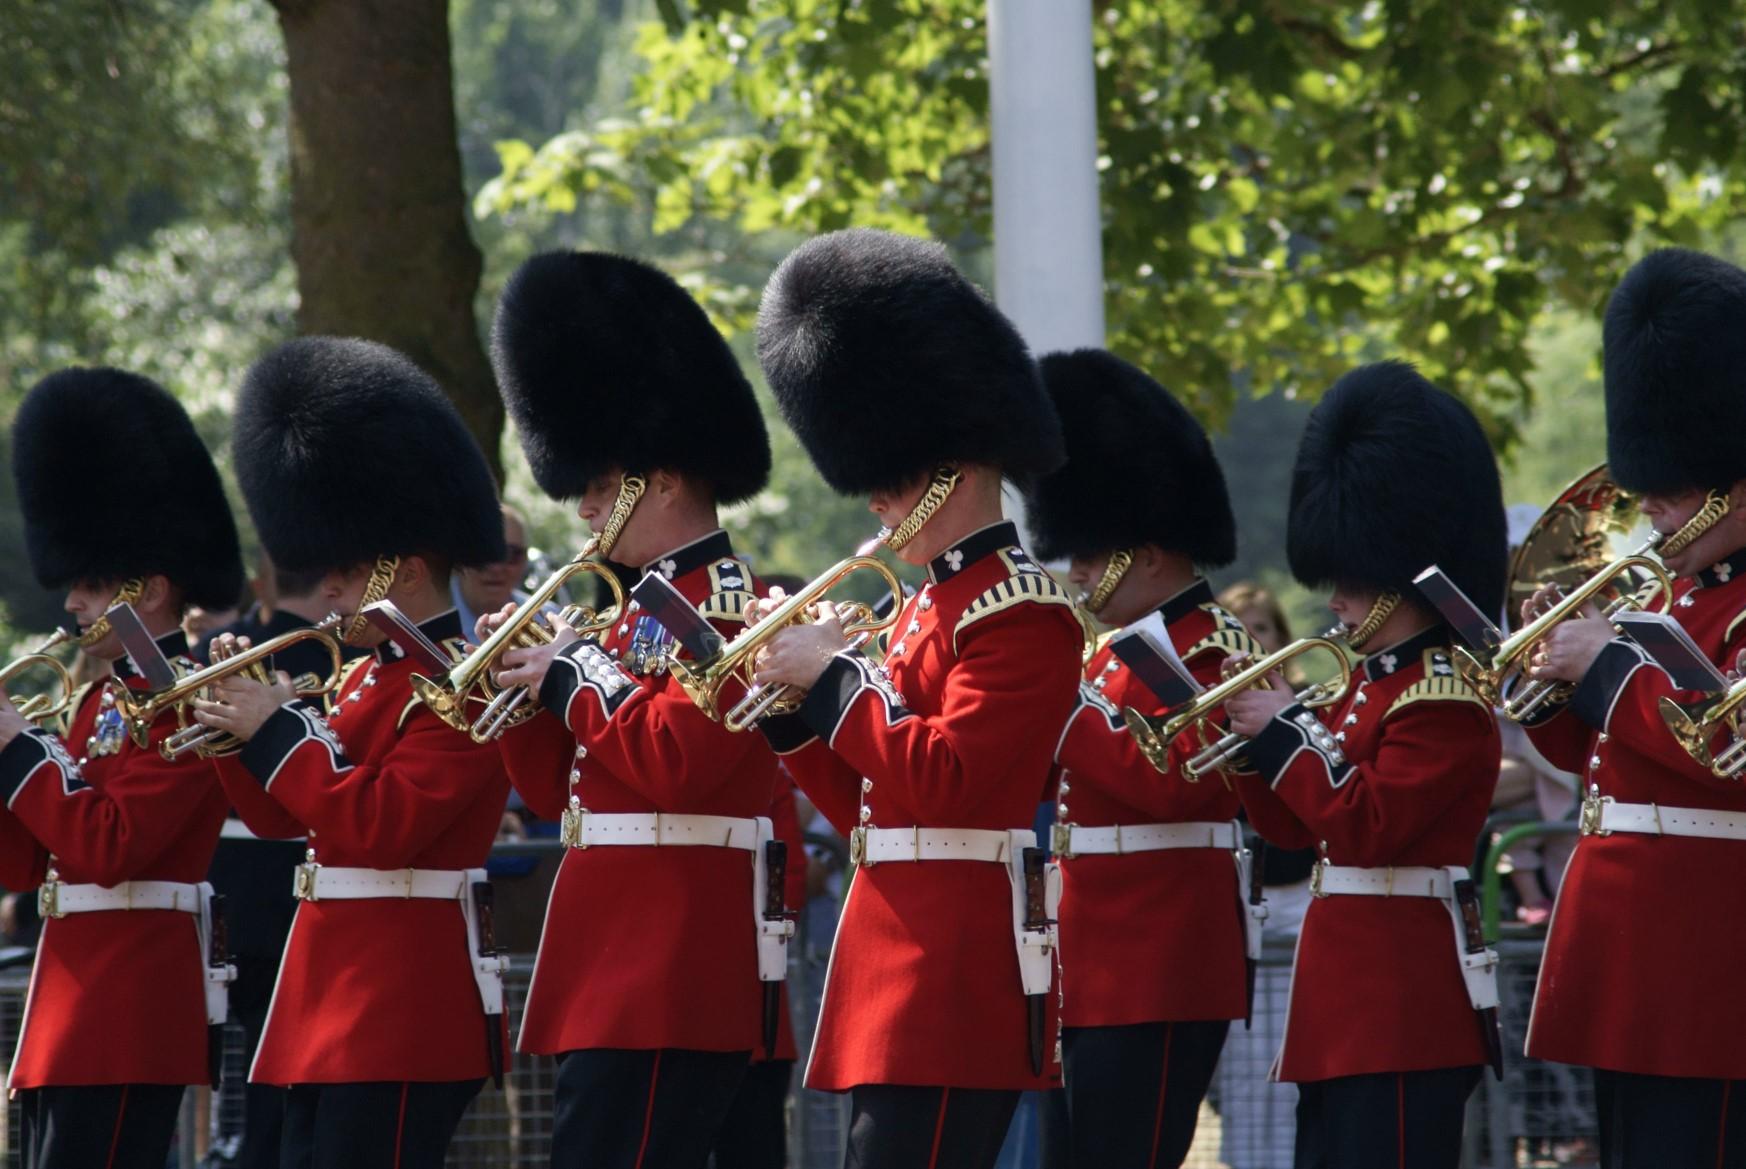 un orchestre de musiciens issus de la garde royale anglaise